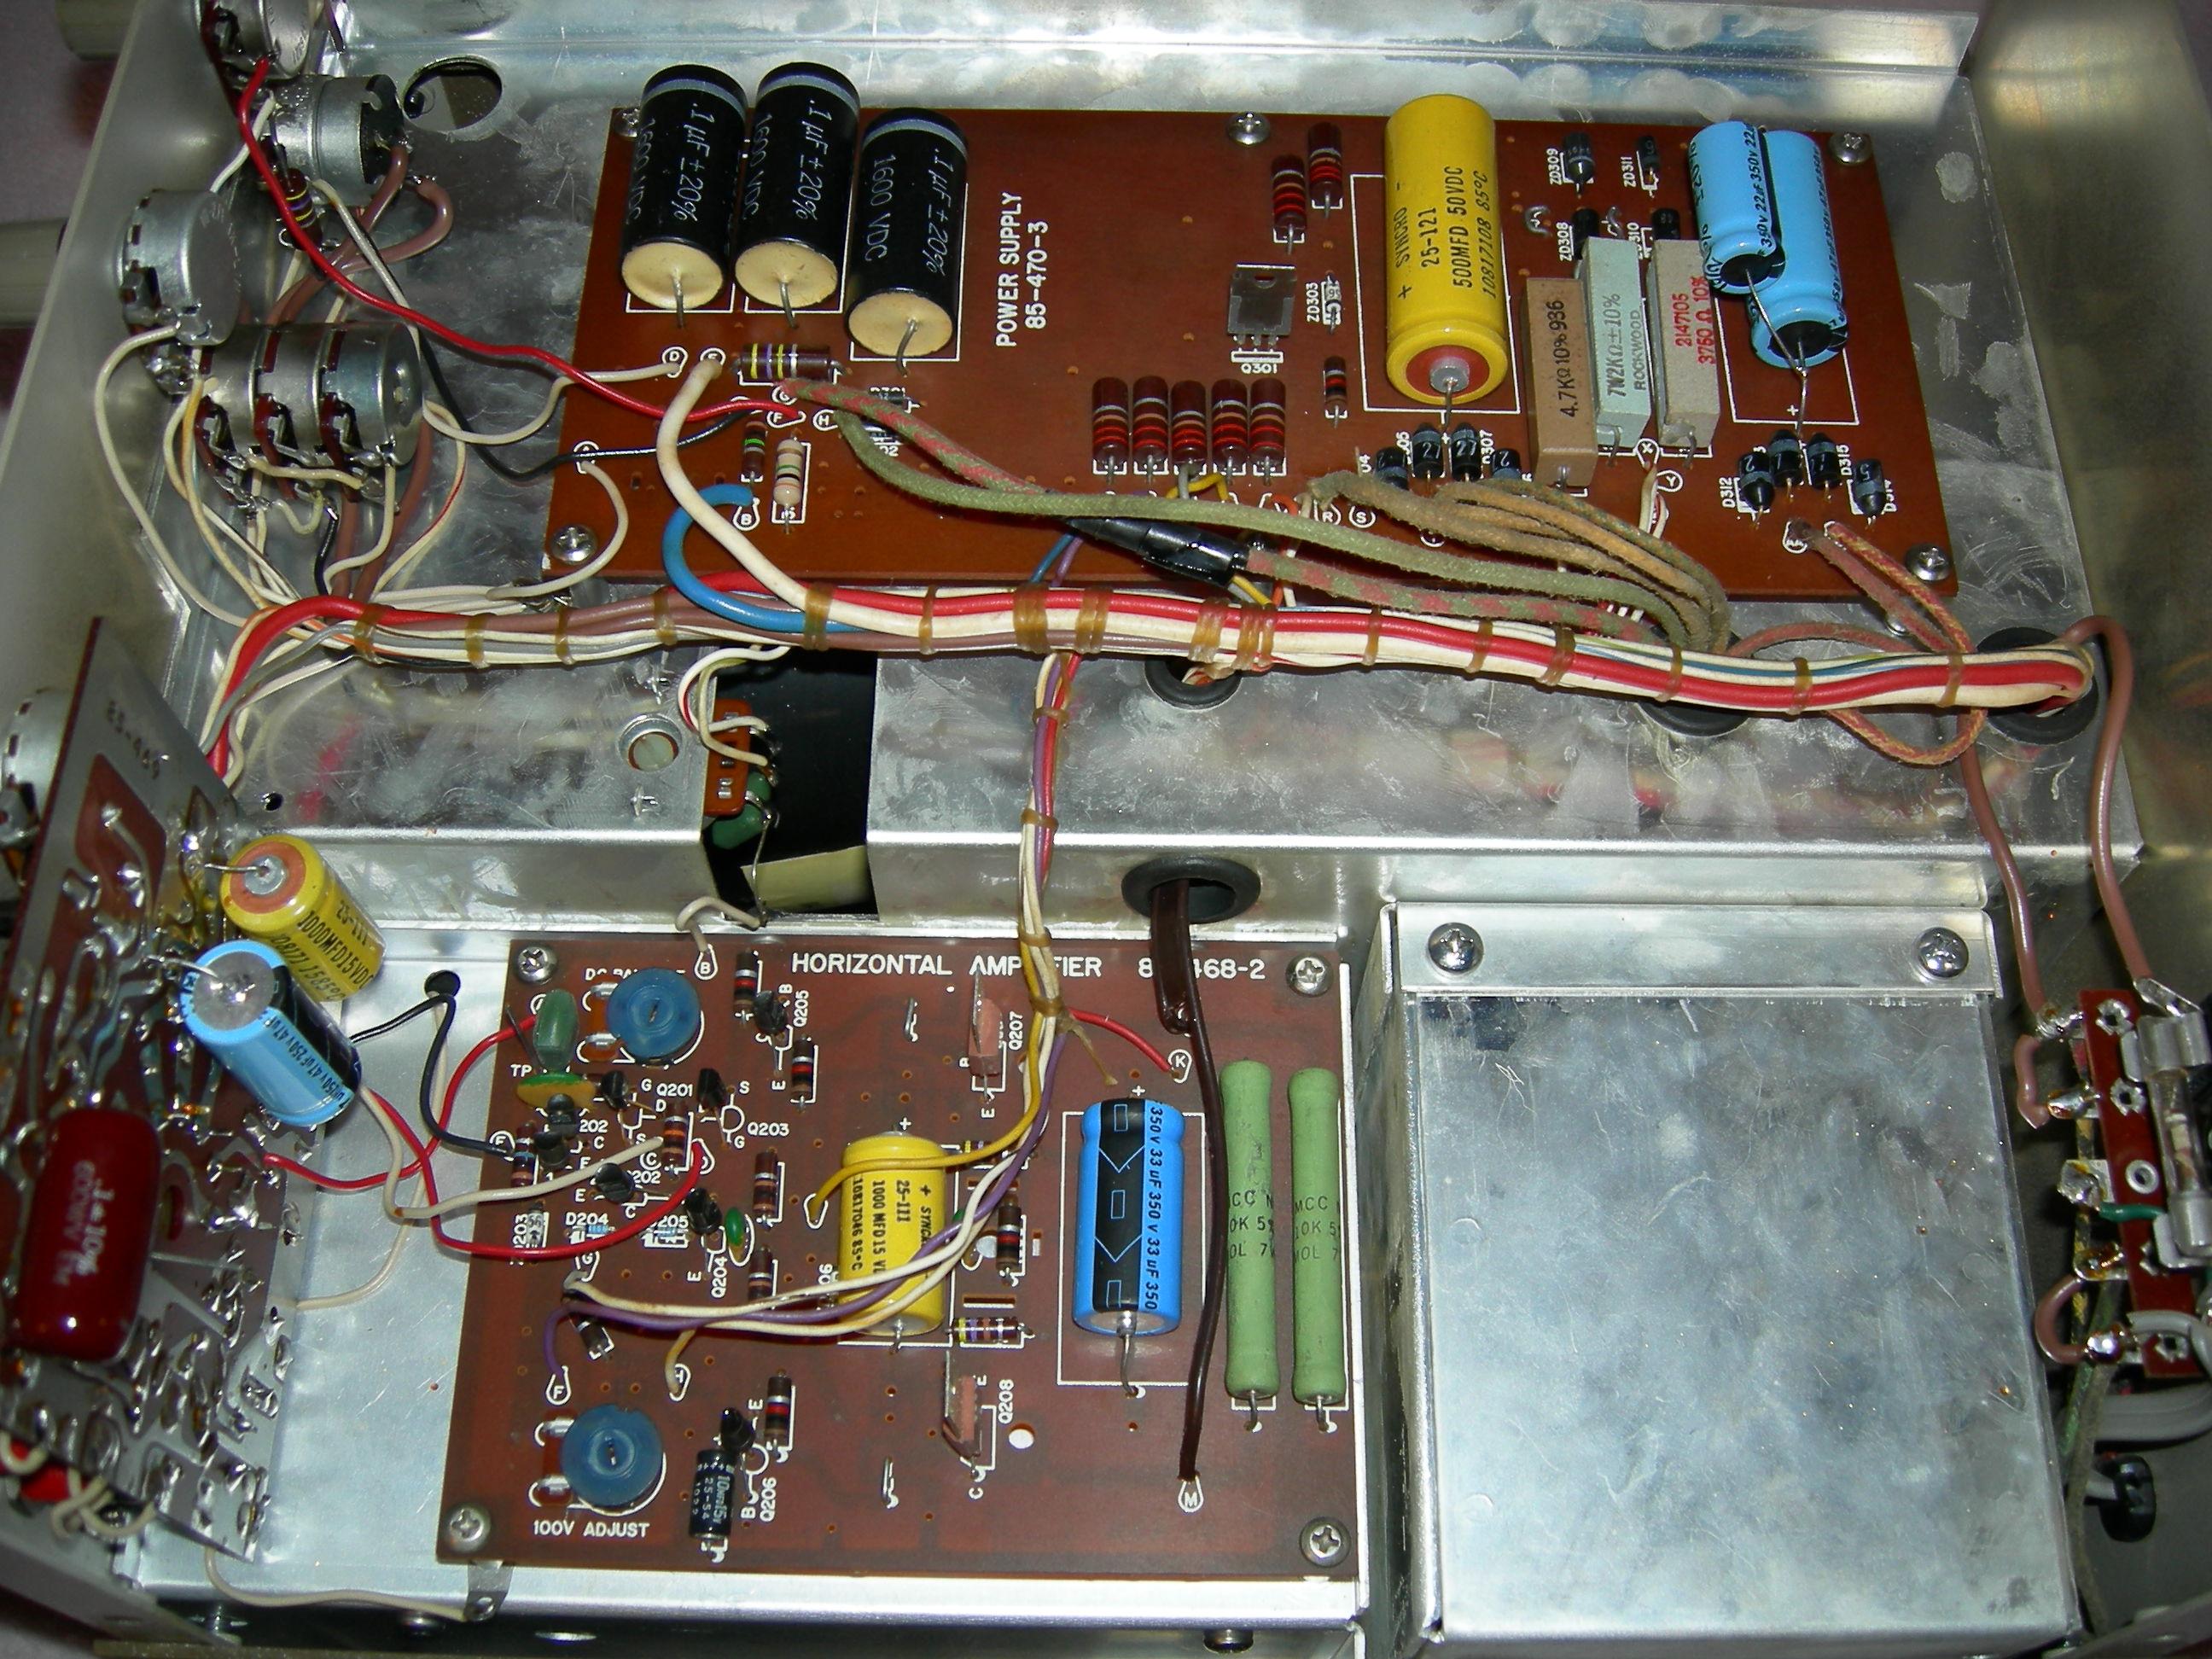 Heathkit IO-102 PC Boards